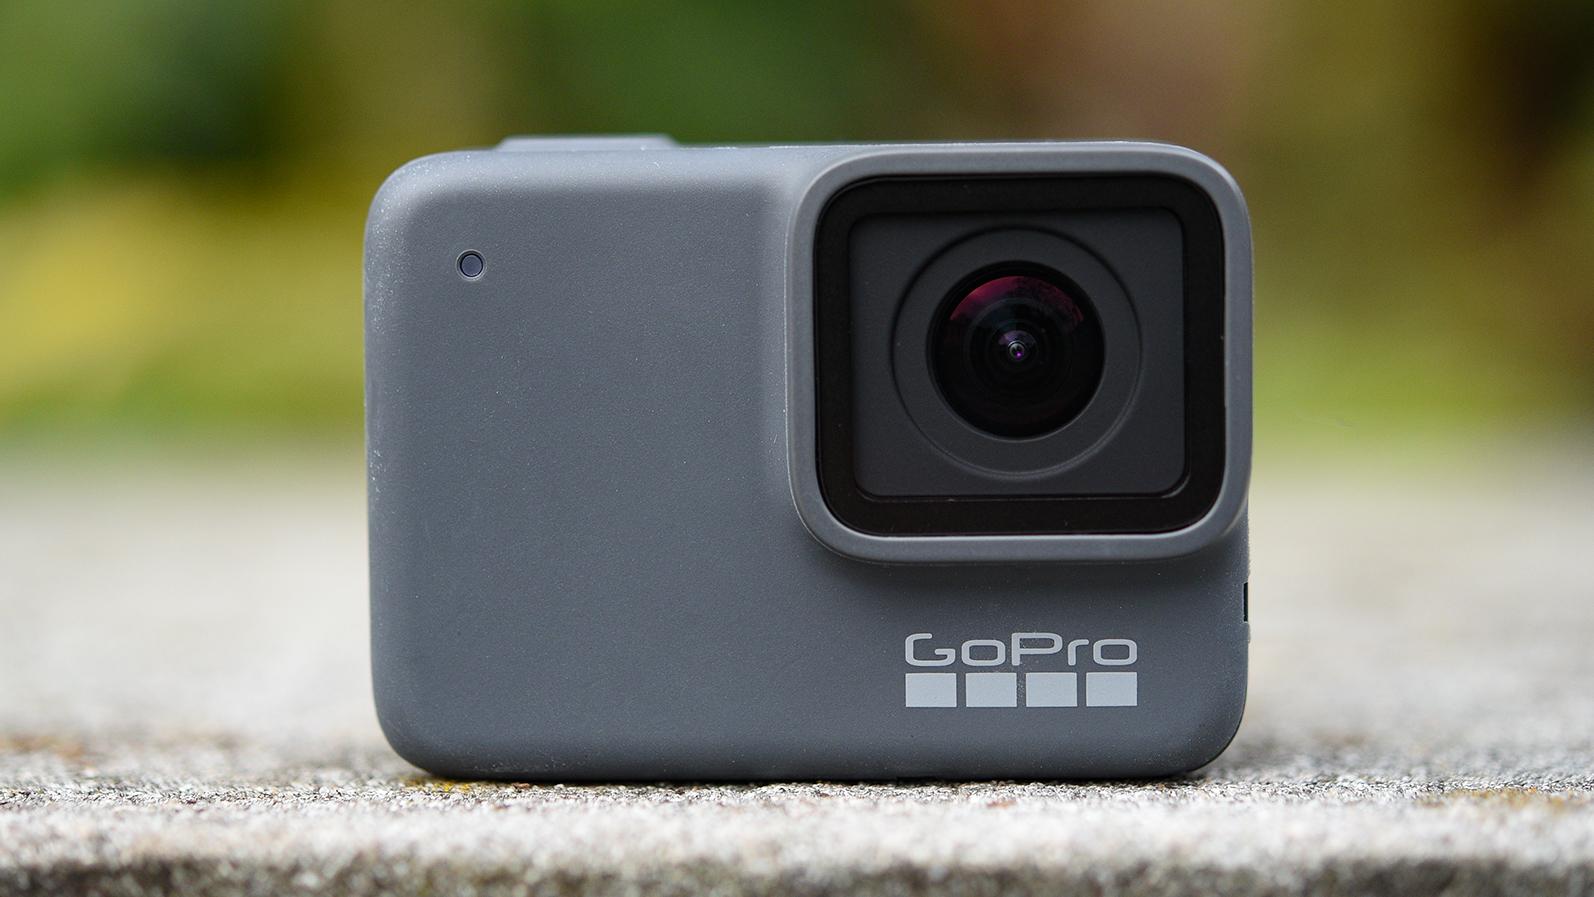 أفضل كاميرا حركة 2019: 10 كاميرات لجيل GoPro 4